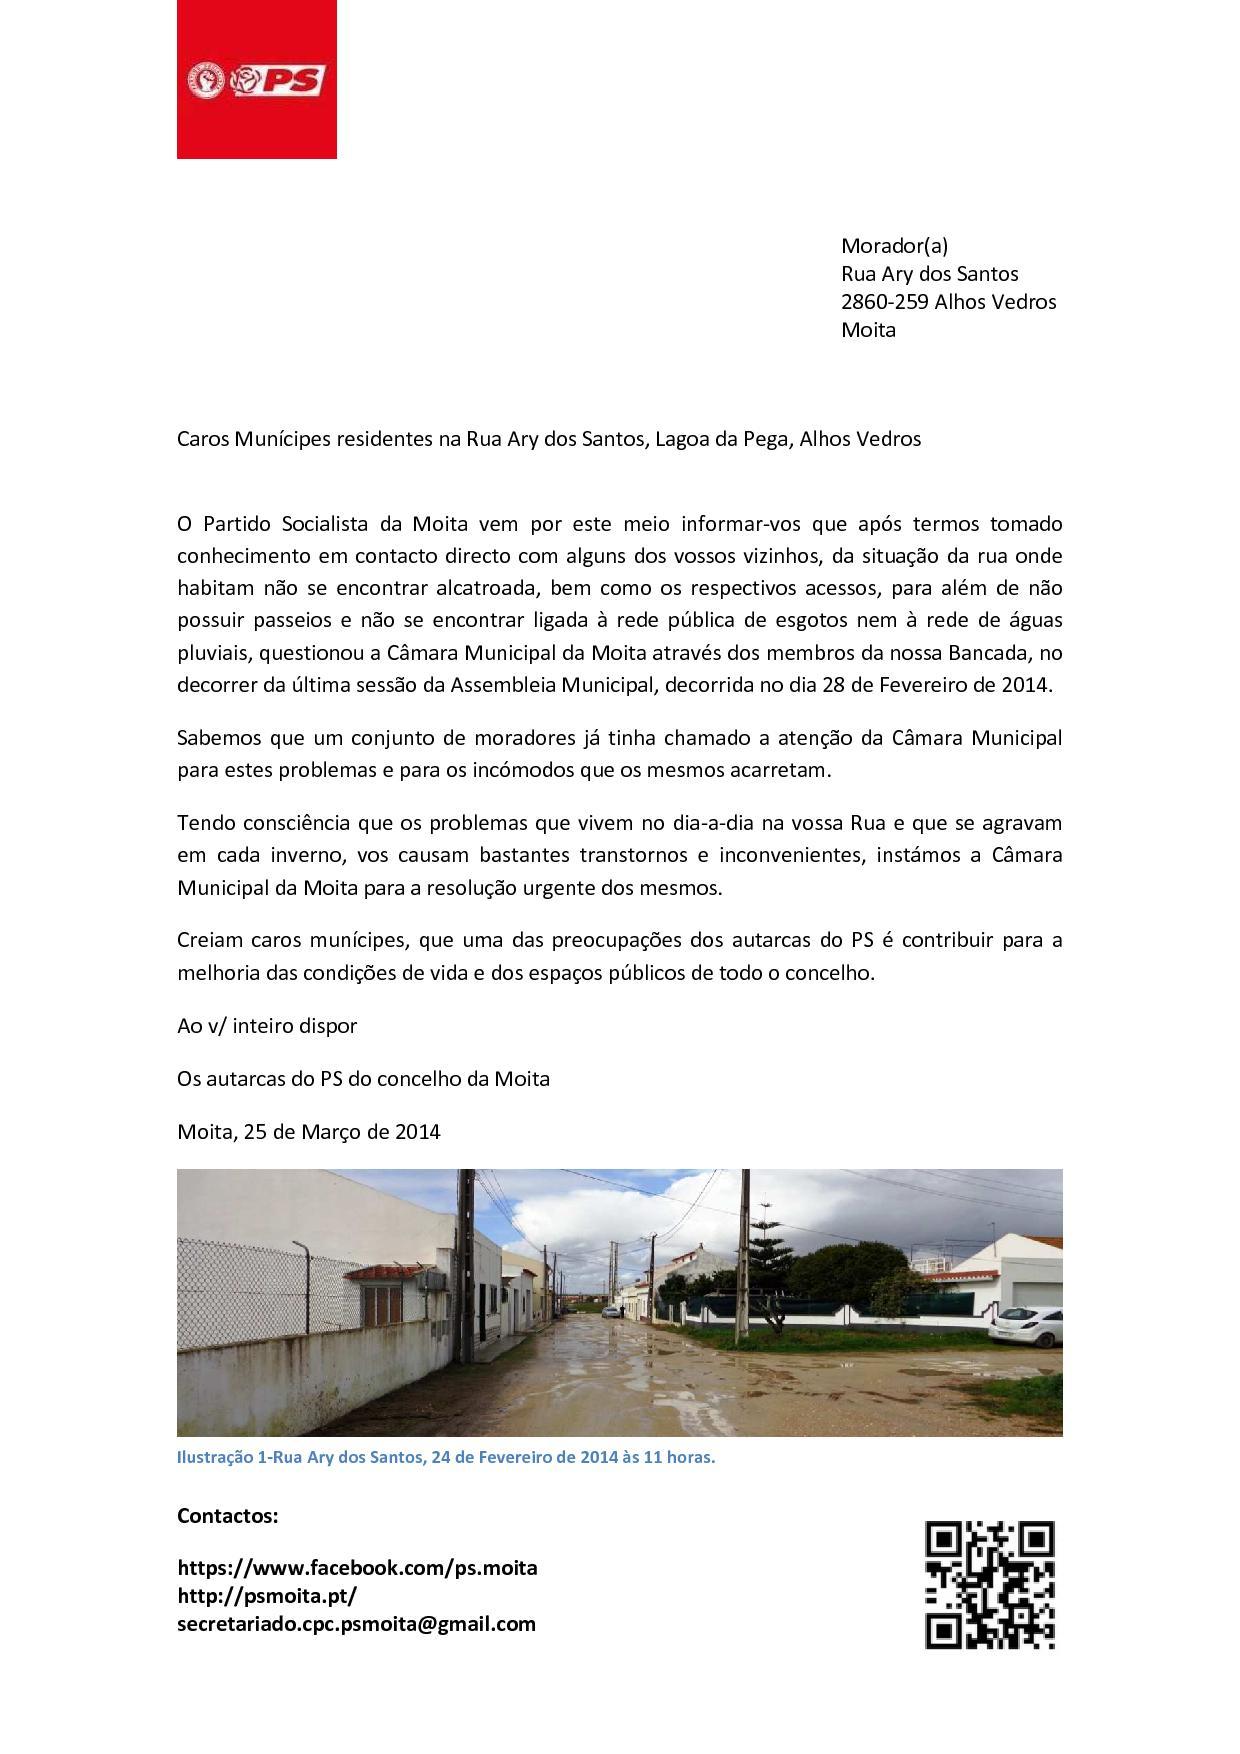 Carta aos moradores da Rua Ary dos Santos, Alhos Vedros